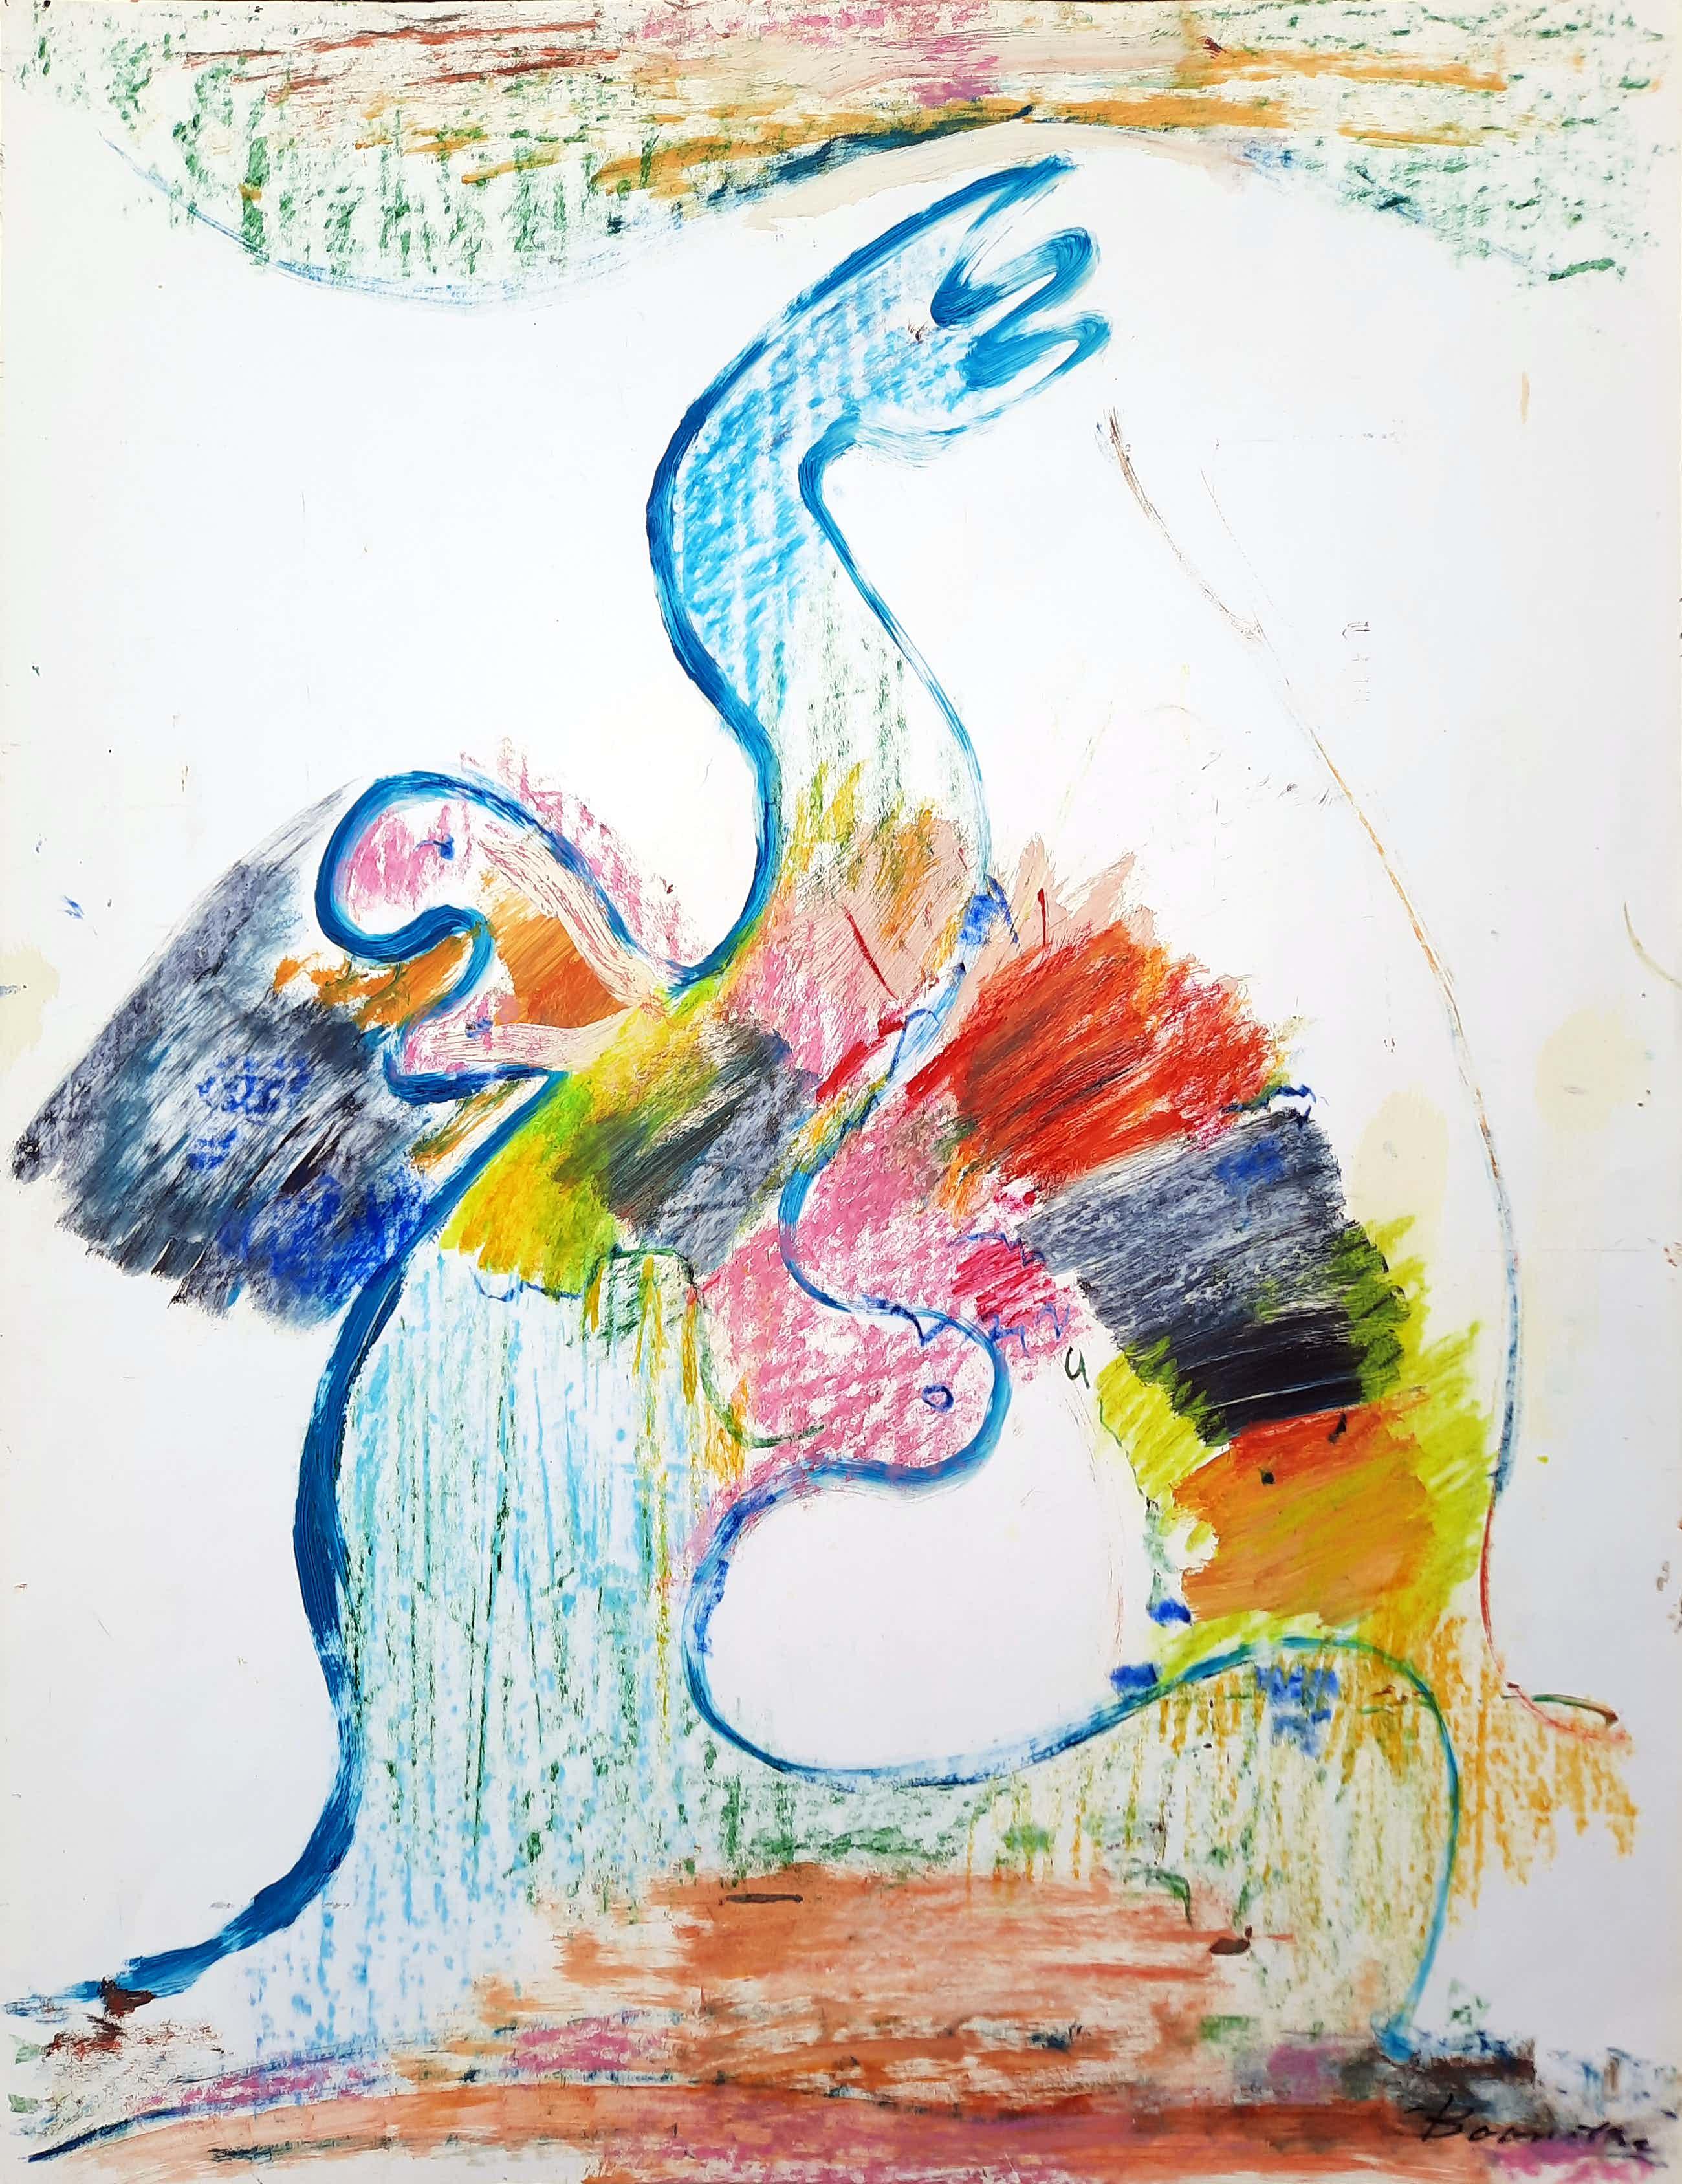 Klaas Boonstra - Compositie van kleurrijke figuren - UNICUM - 21503 kopen? Bied vanaf 350!